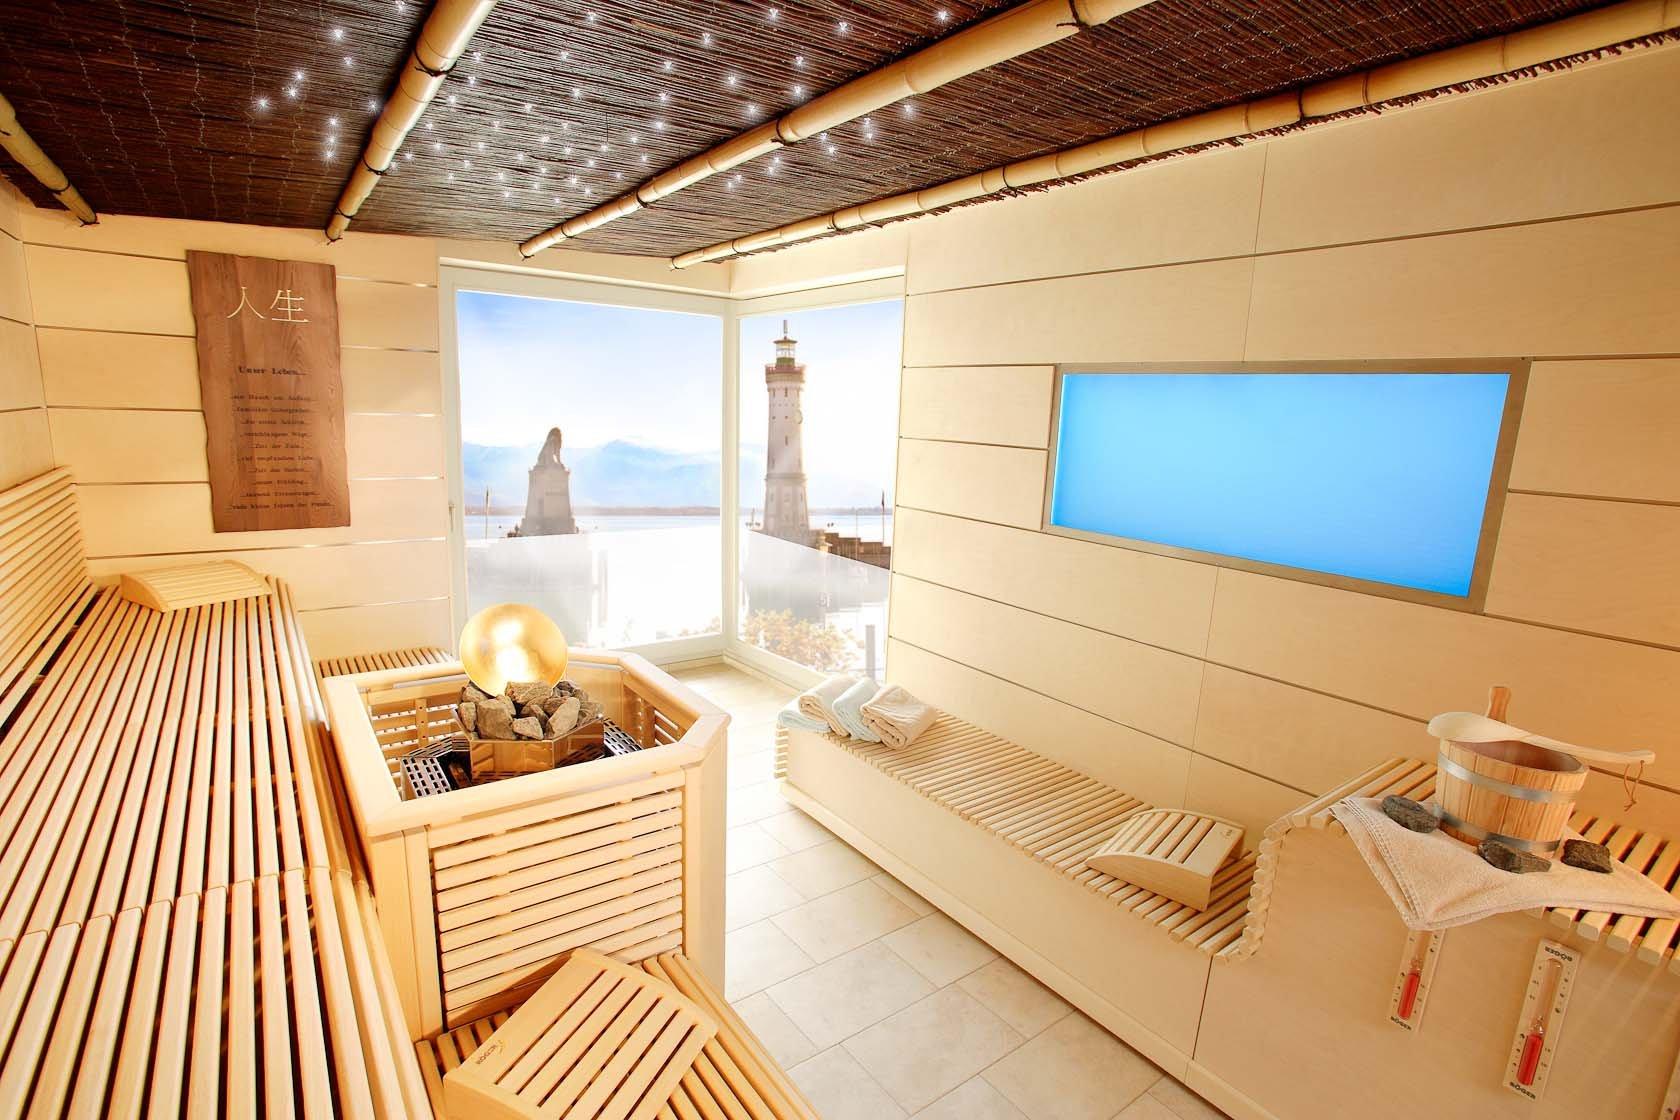 Комната отдыха в бане. Как и чем её обустроить?